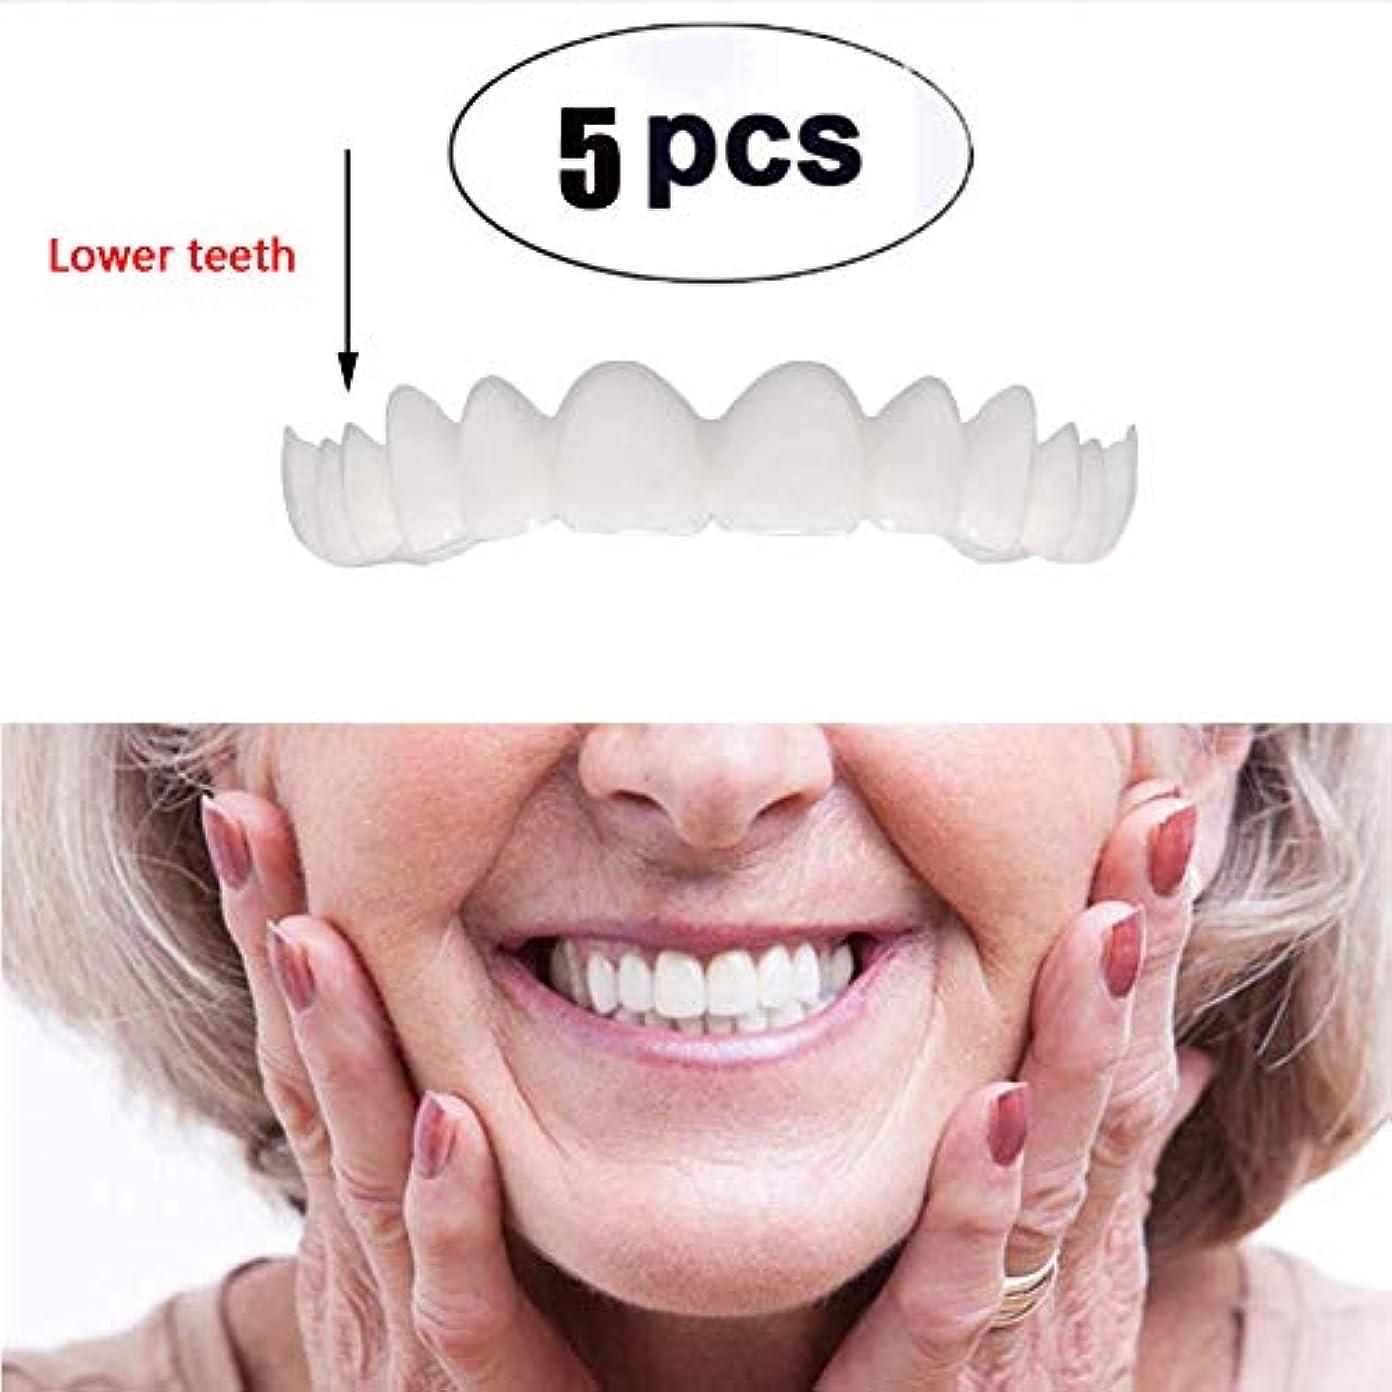 小間オリエントラフレシアアルノルディ5ピース下の歯一時的な化粧品の歯化粧品模擬ブレースホワイトニング歯スナップキャップインスタント快適なフレックスパーフェクトベニア